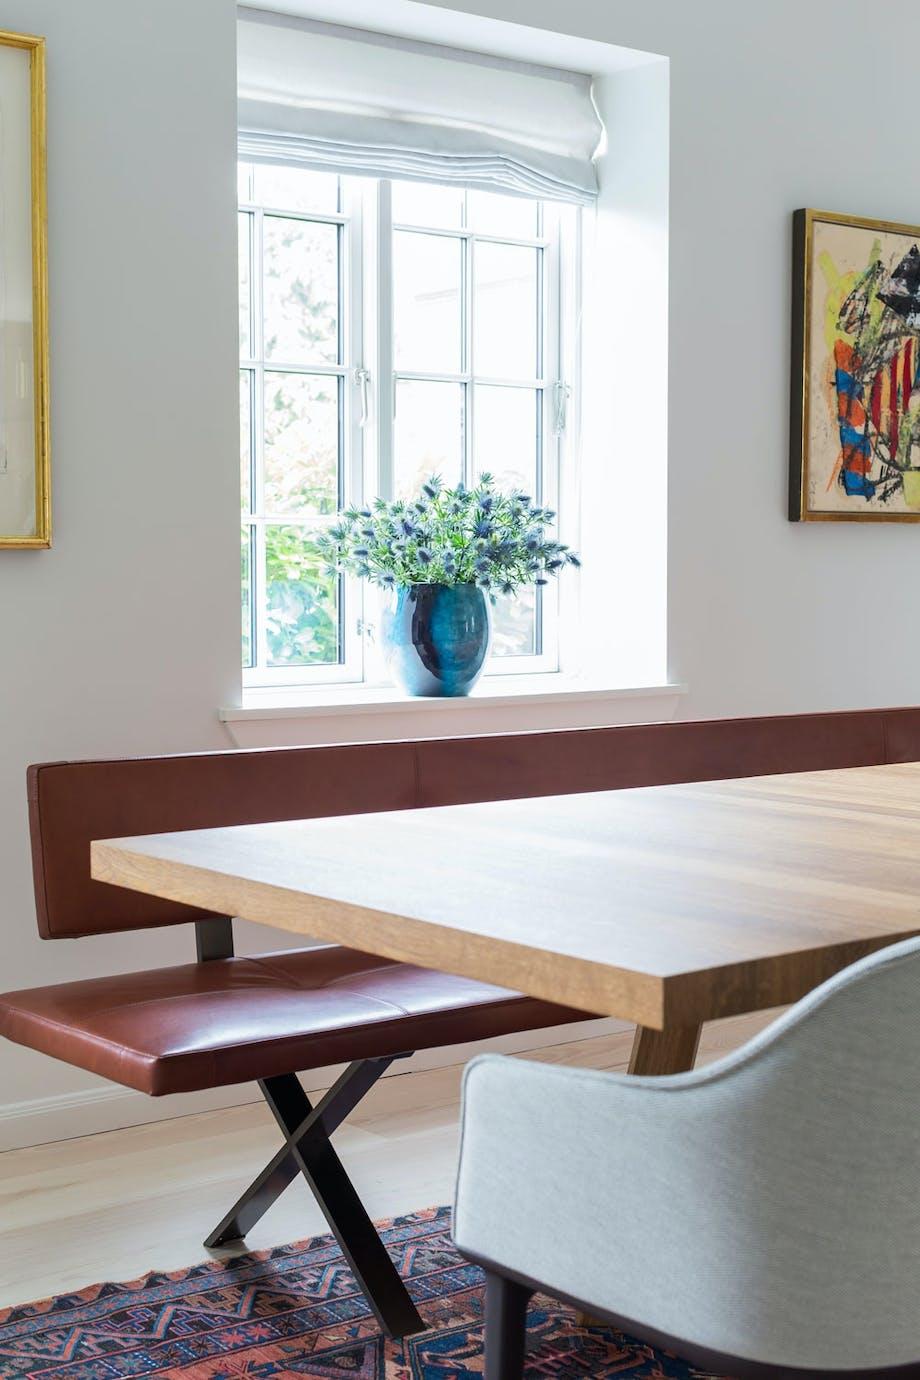 Tadeo spisebord, designet av EOOS for Walter Knoll. Softshell Chair fra Vitra, designet av Ronan og Erwan Bourollec. Skinnbenk fra Clic, Hamburg.